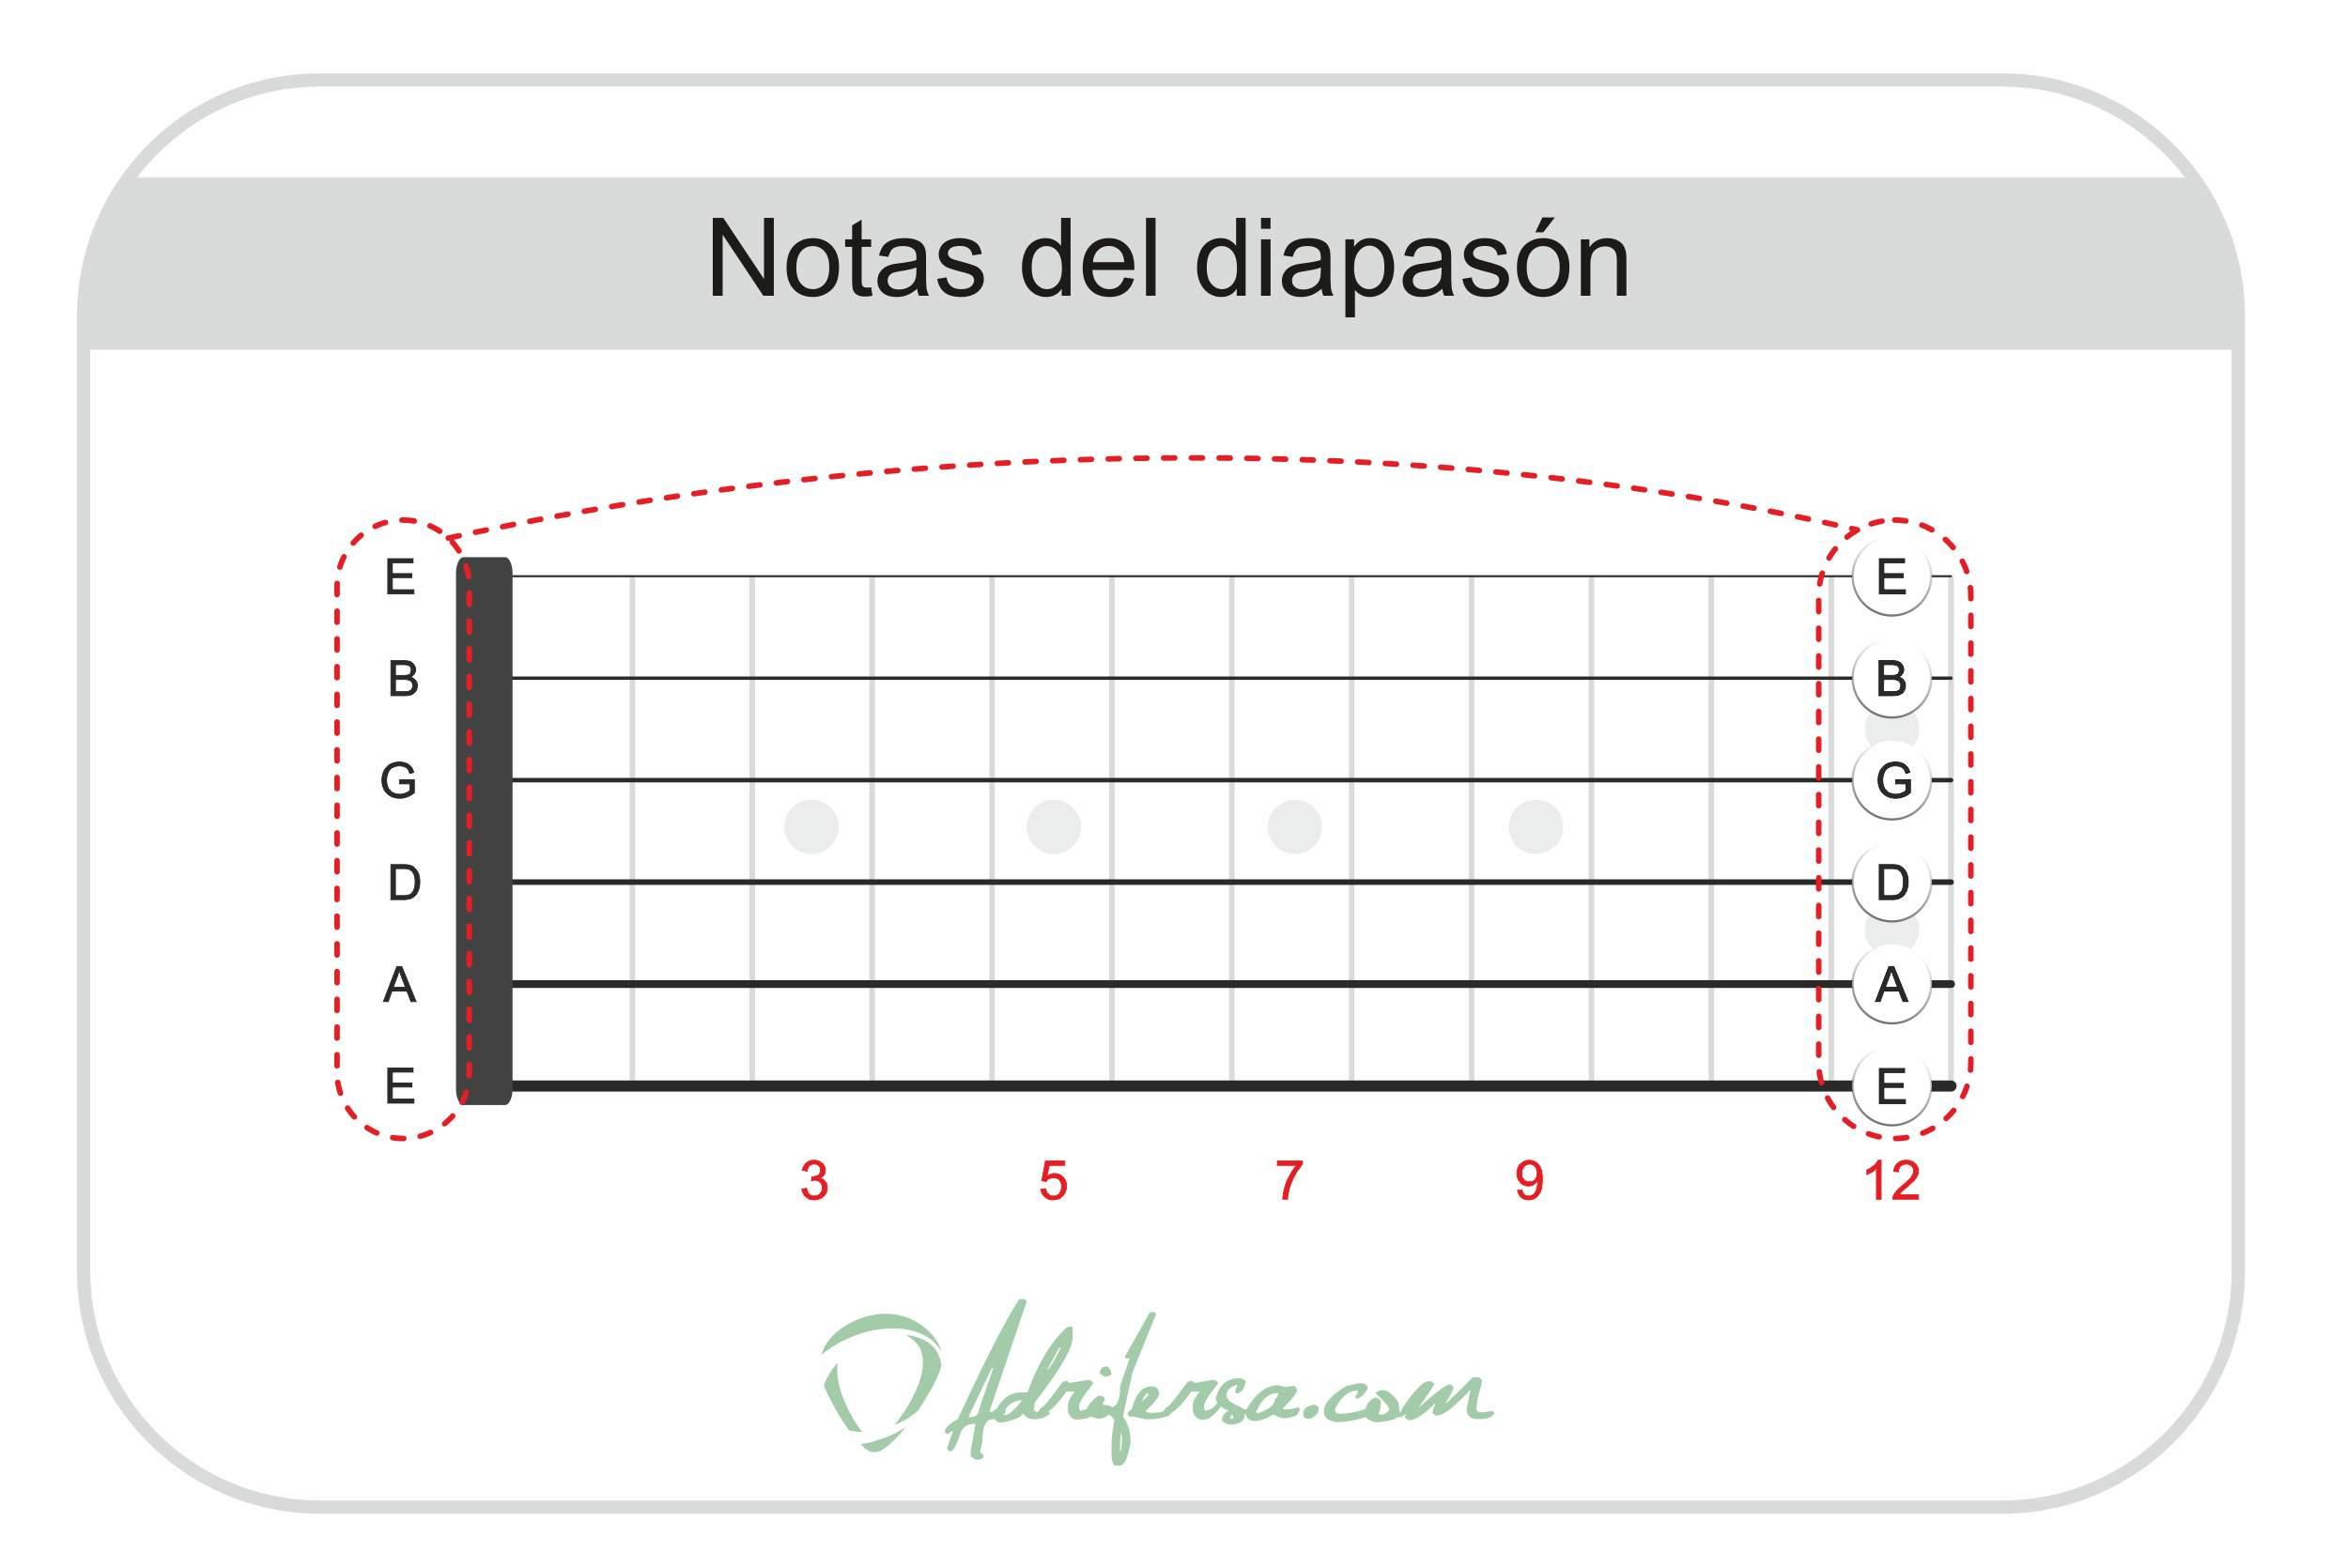 notasdiapason2